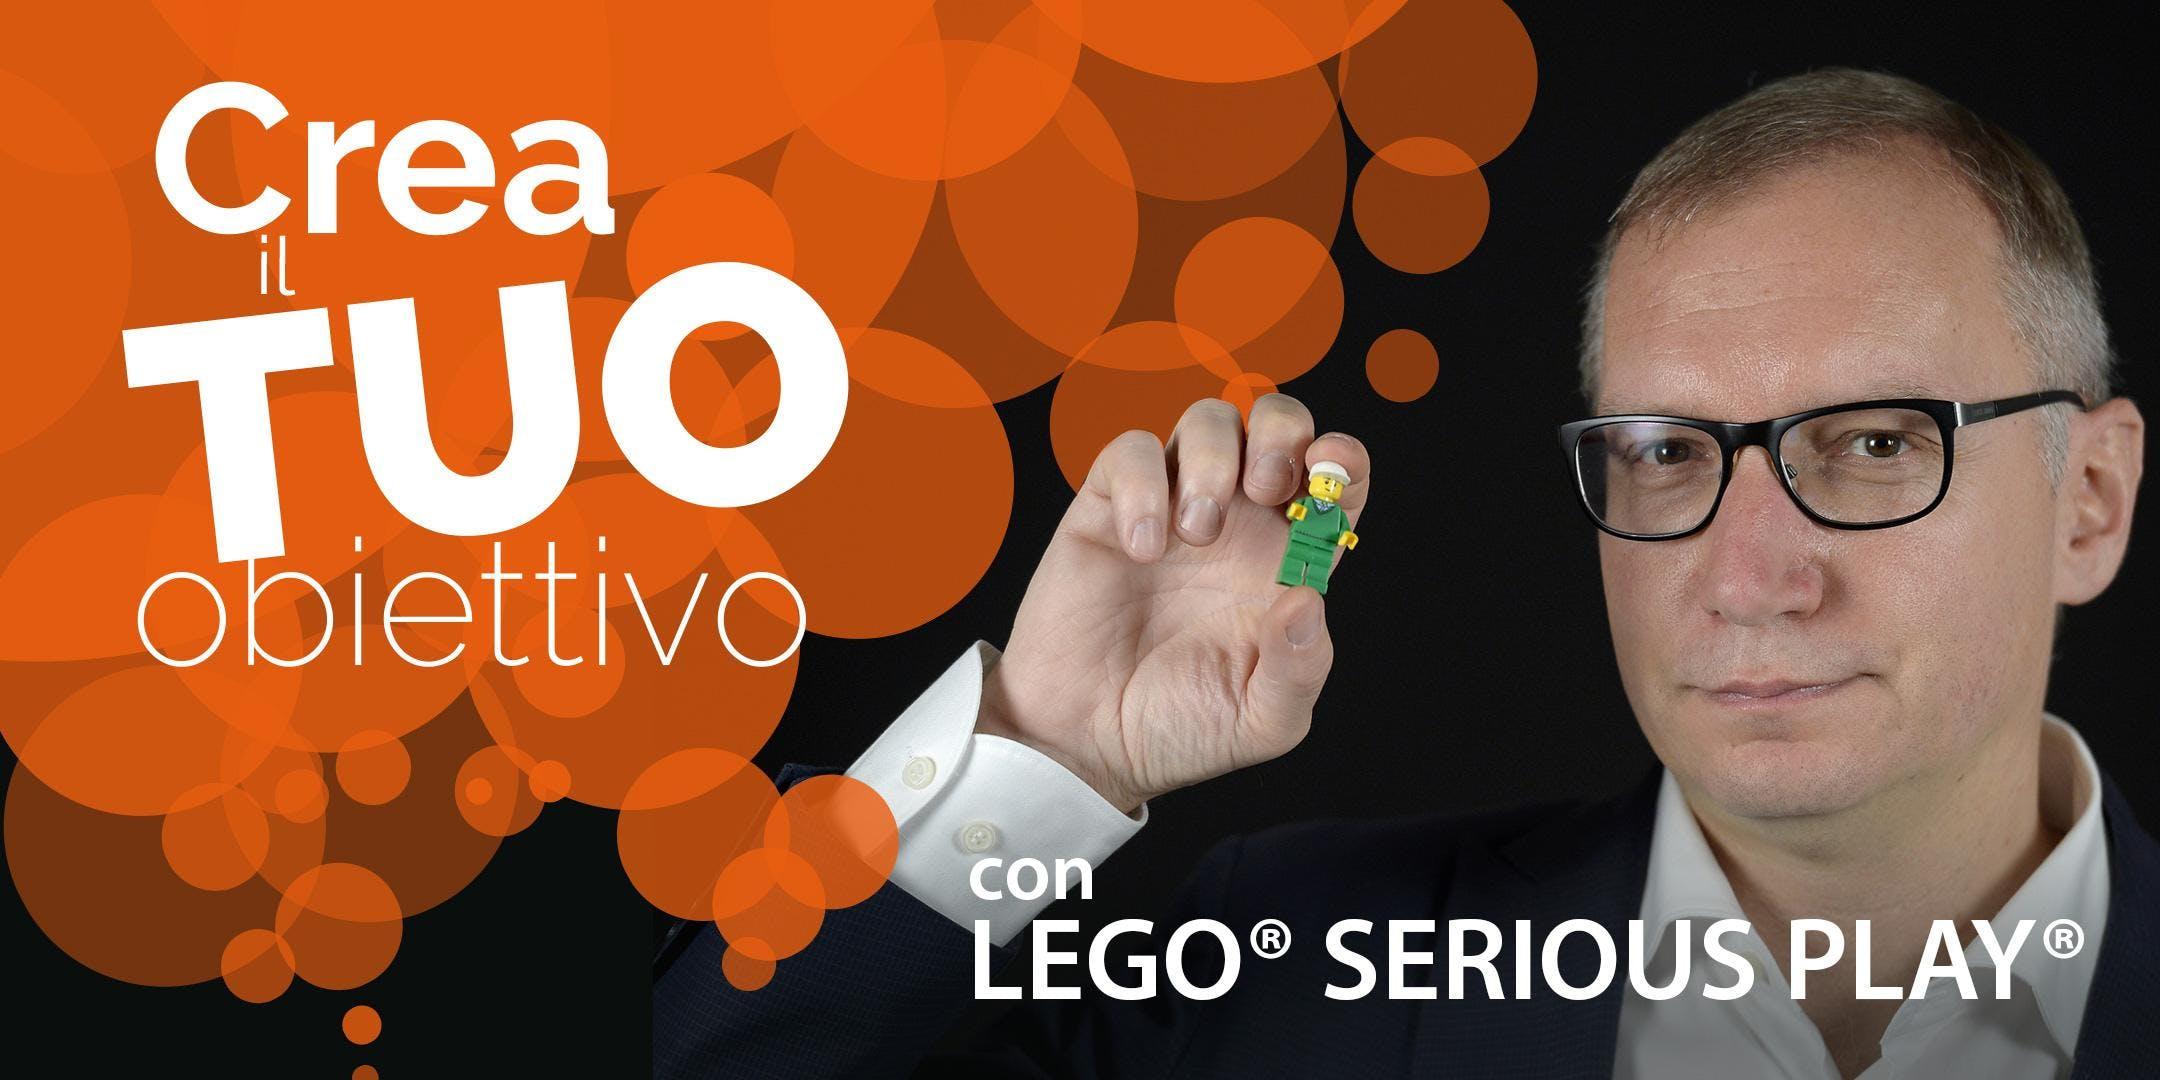 Crea il TUO Obiettivo con LEGO® SERIOUS PLAY®